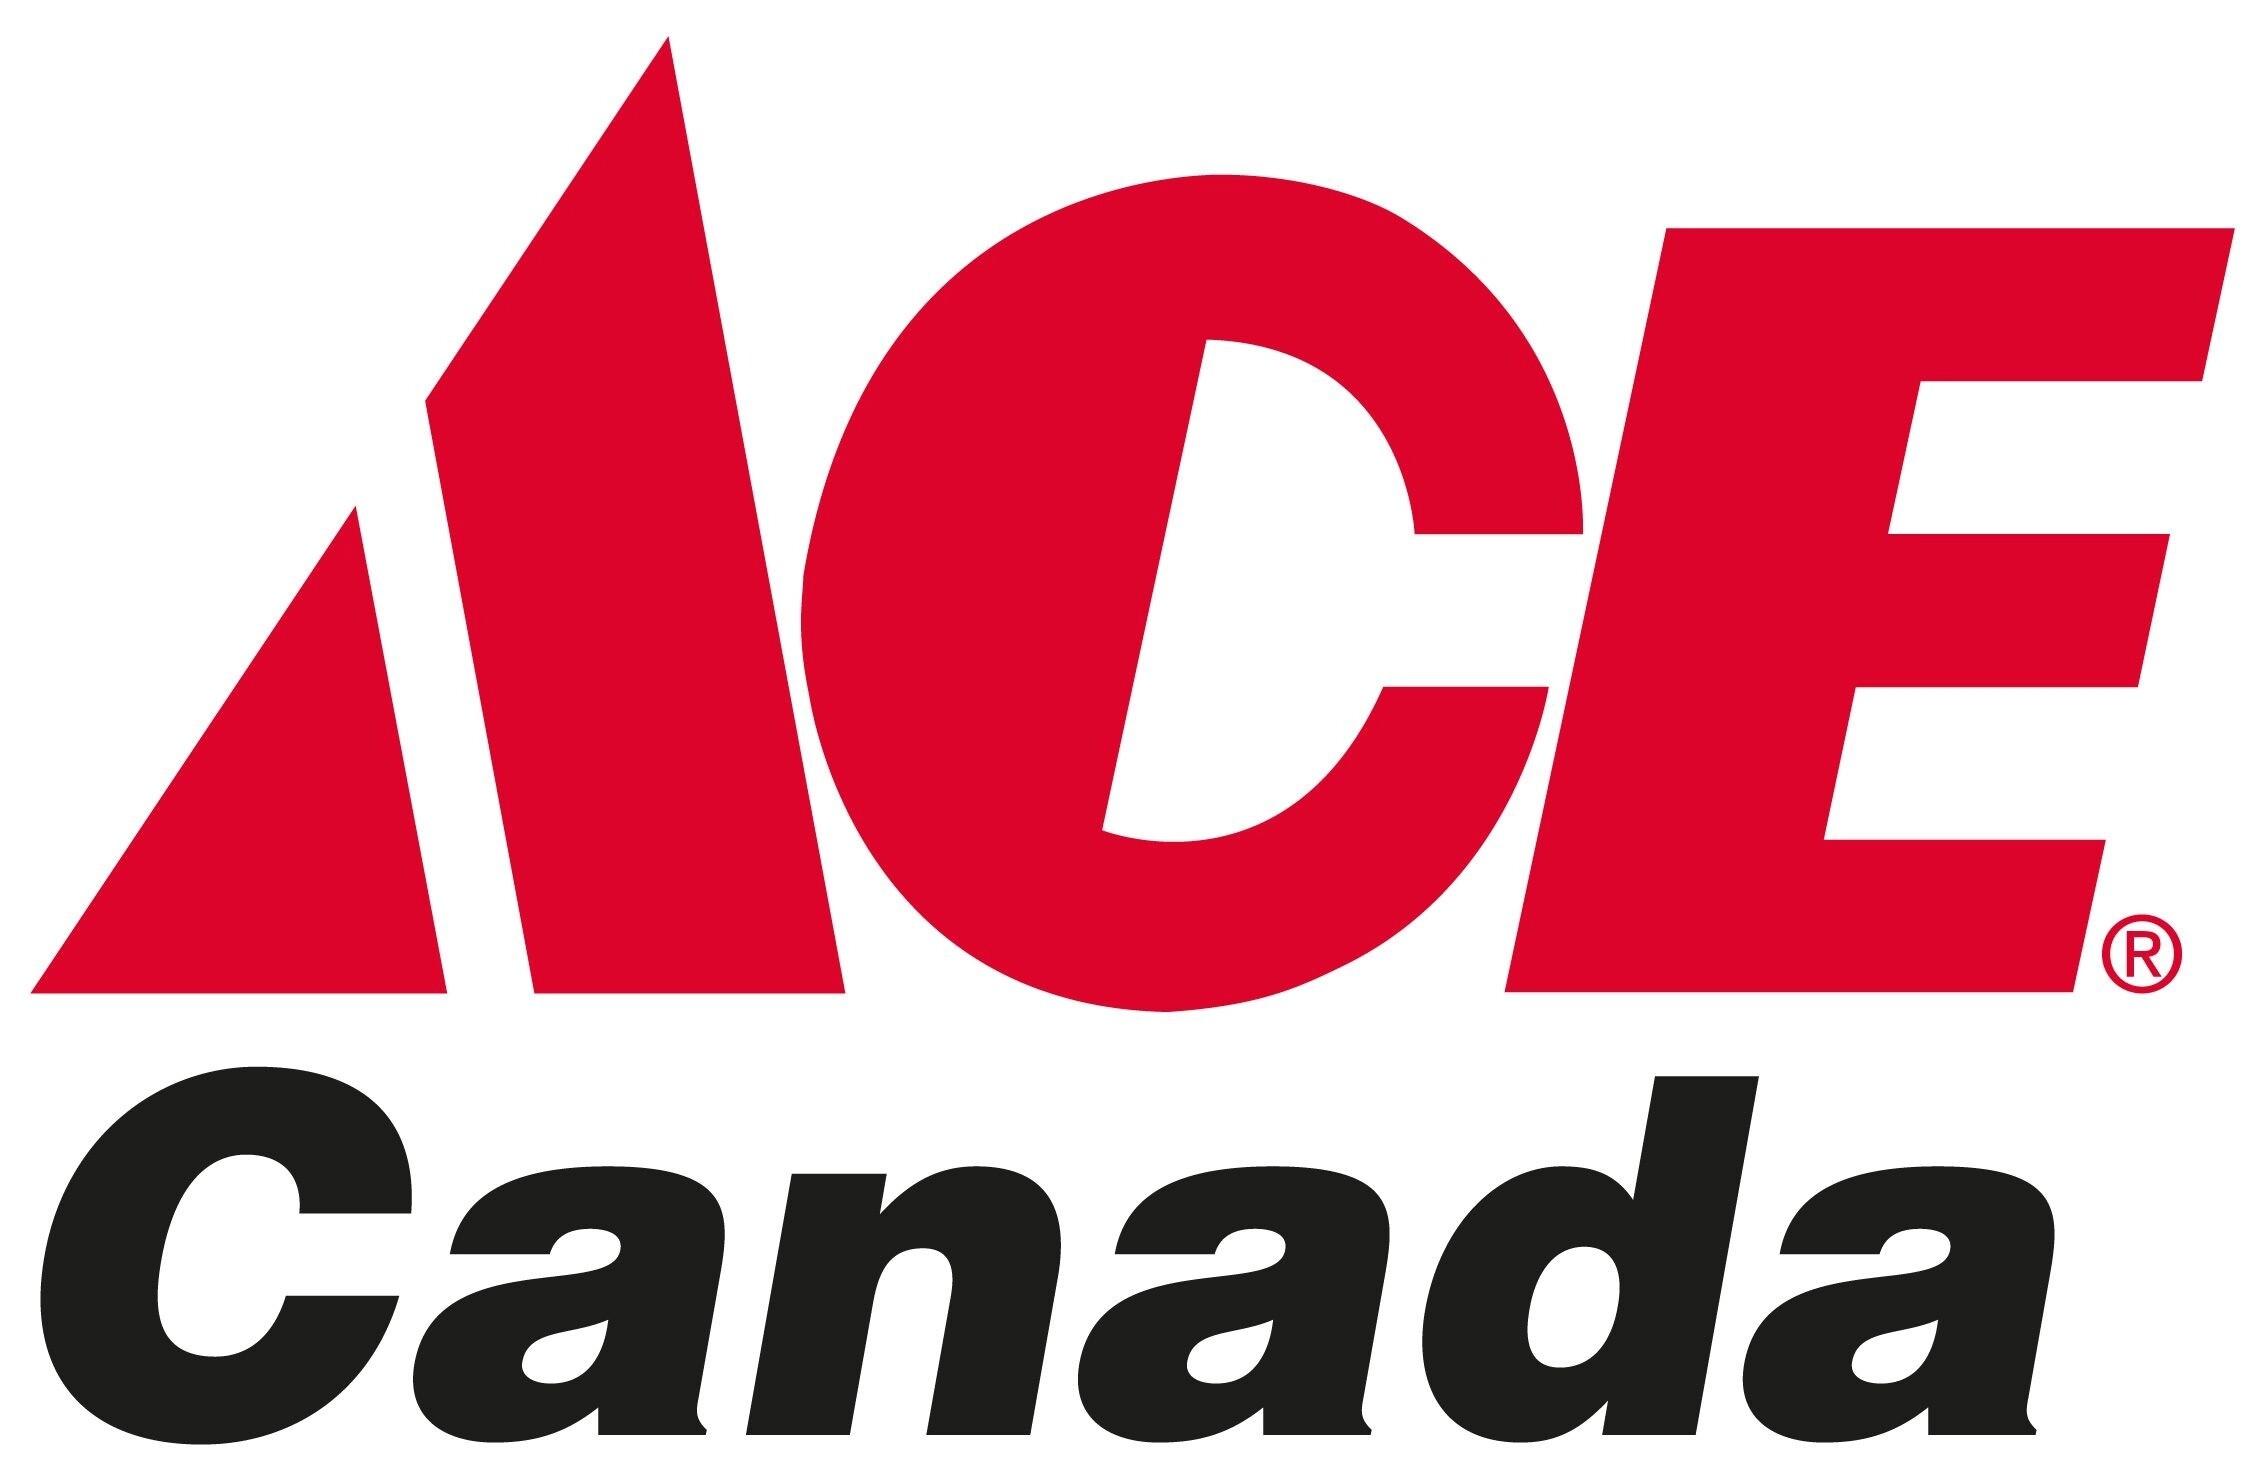 Circulaires Ace Canada